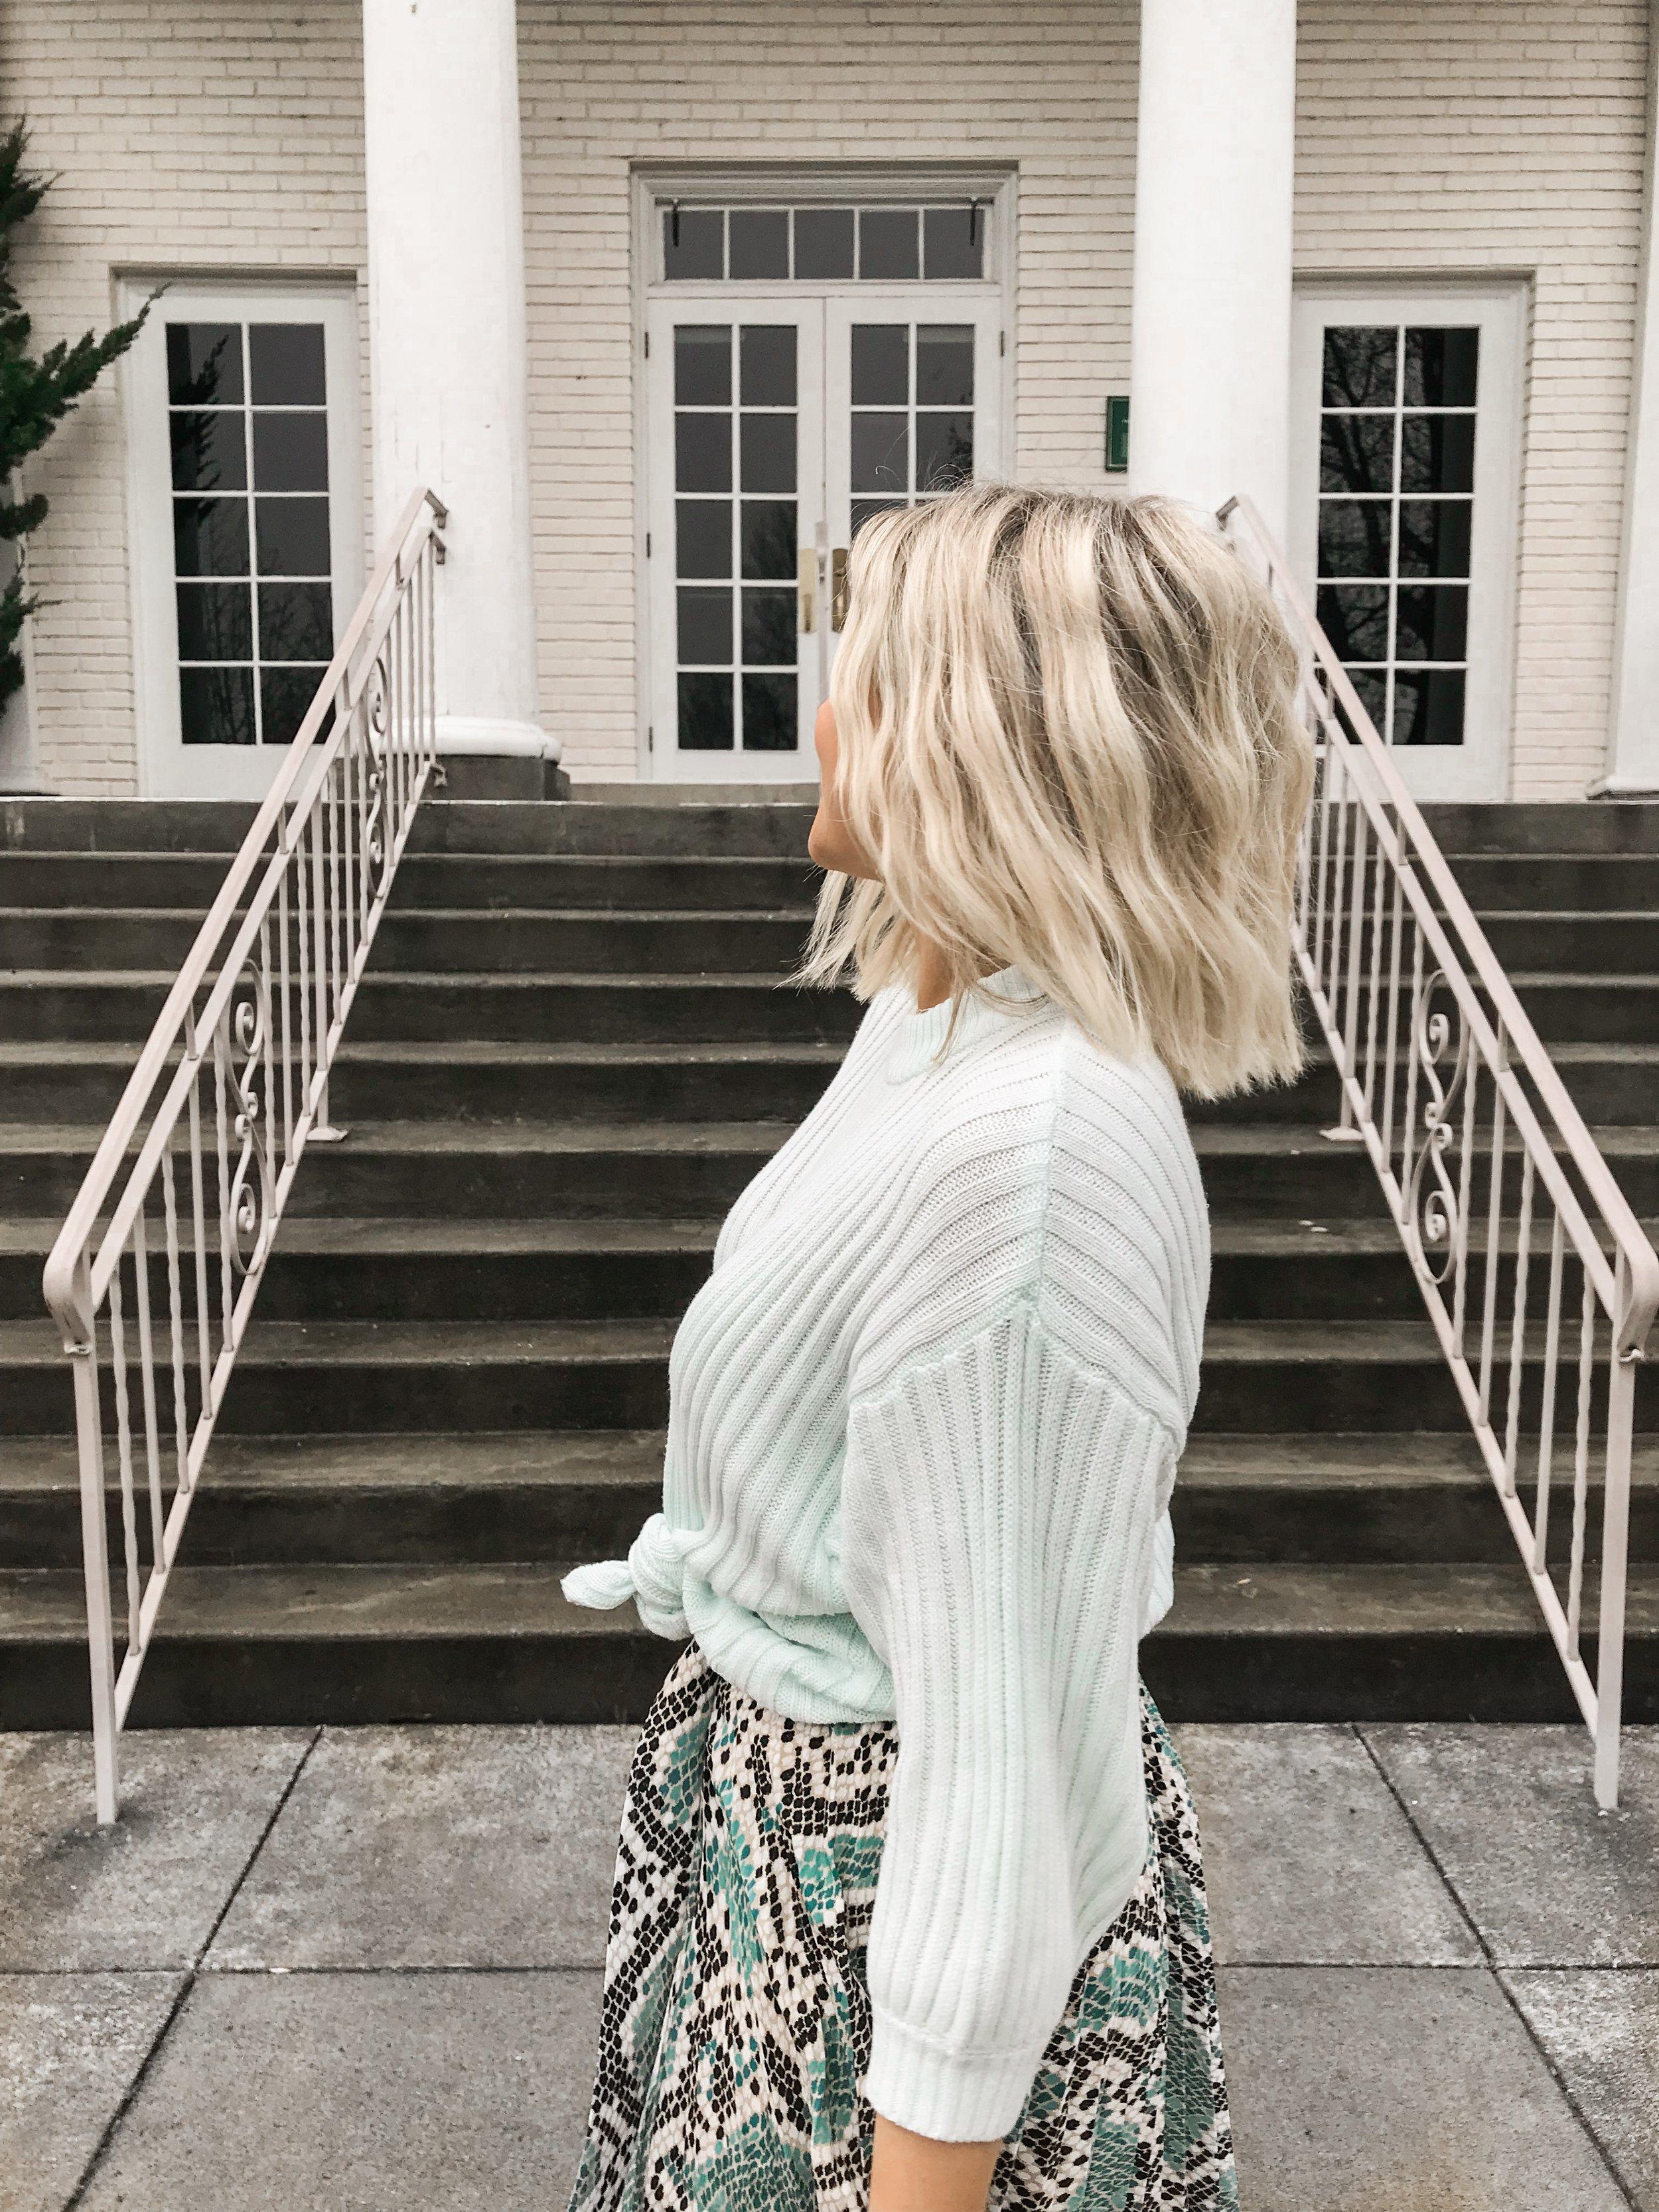 Bre Sheppard : Short Hair Inspo : Blonde Hair : Spring Inspo.JPG